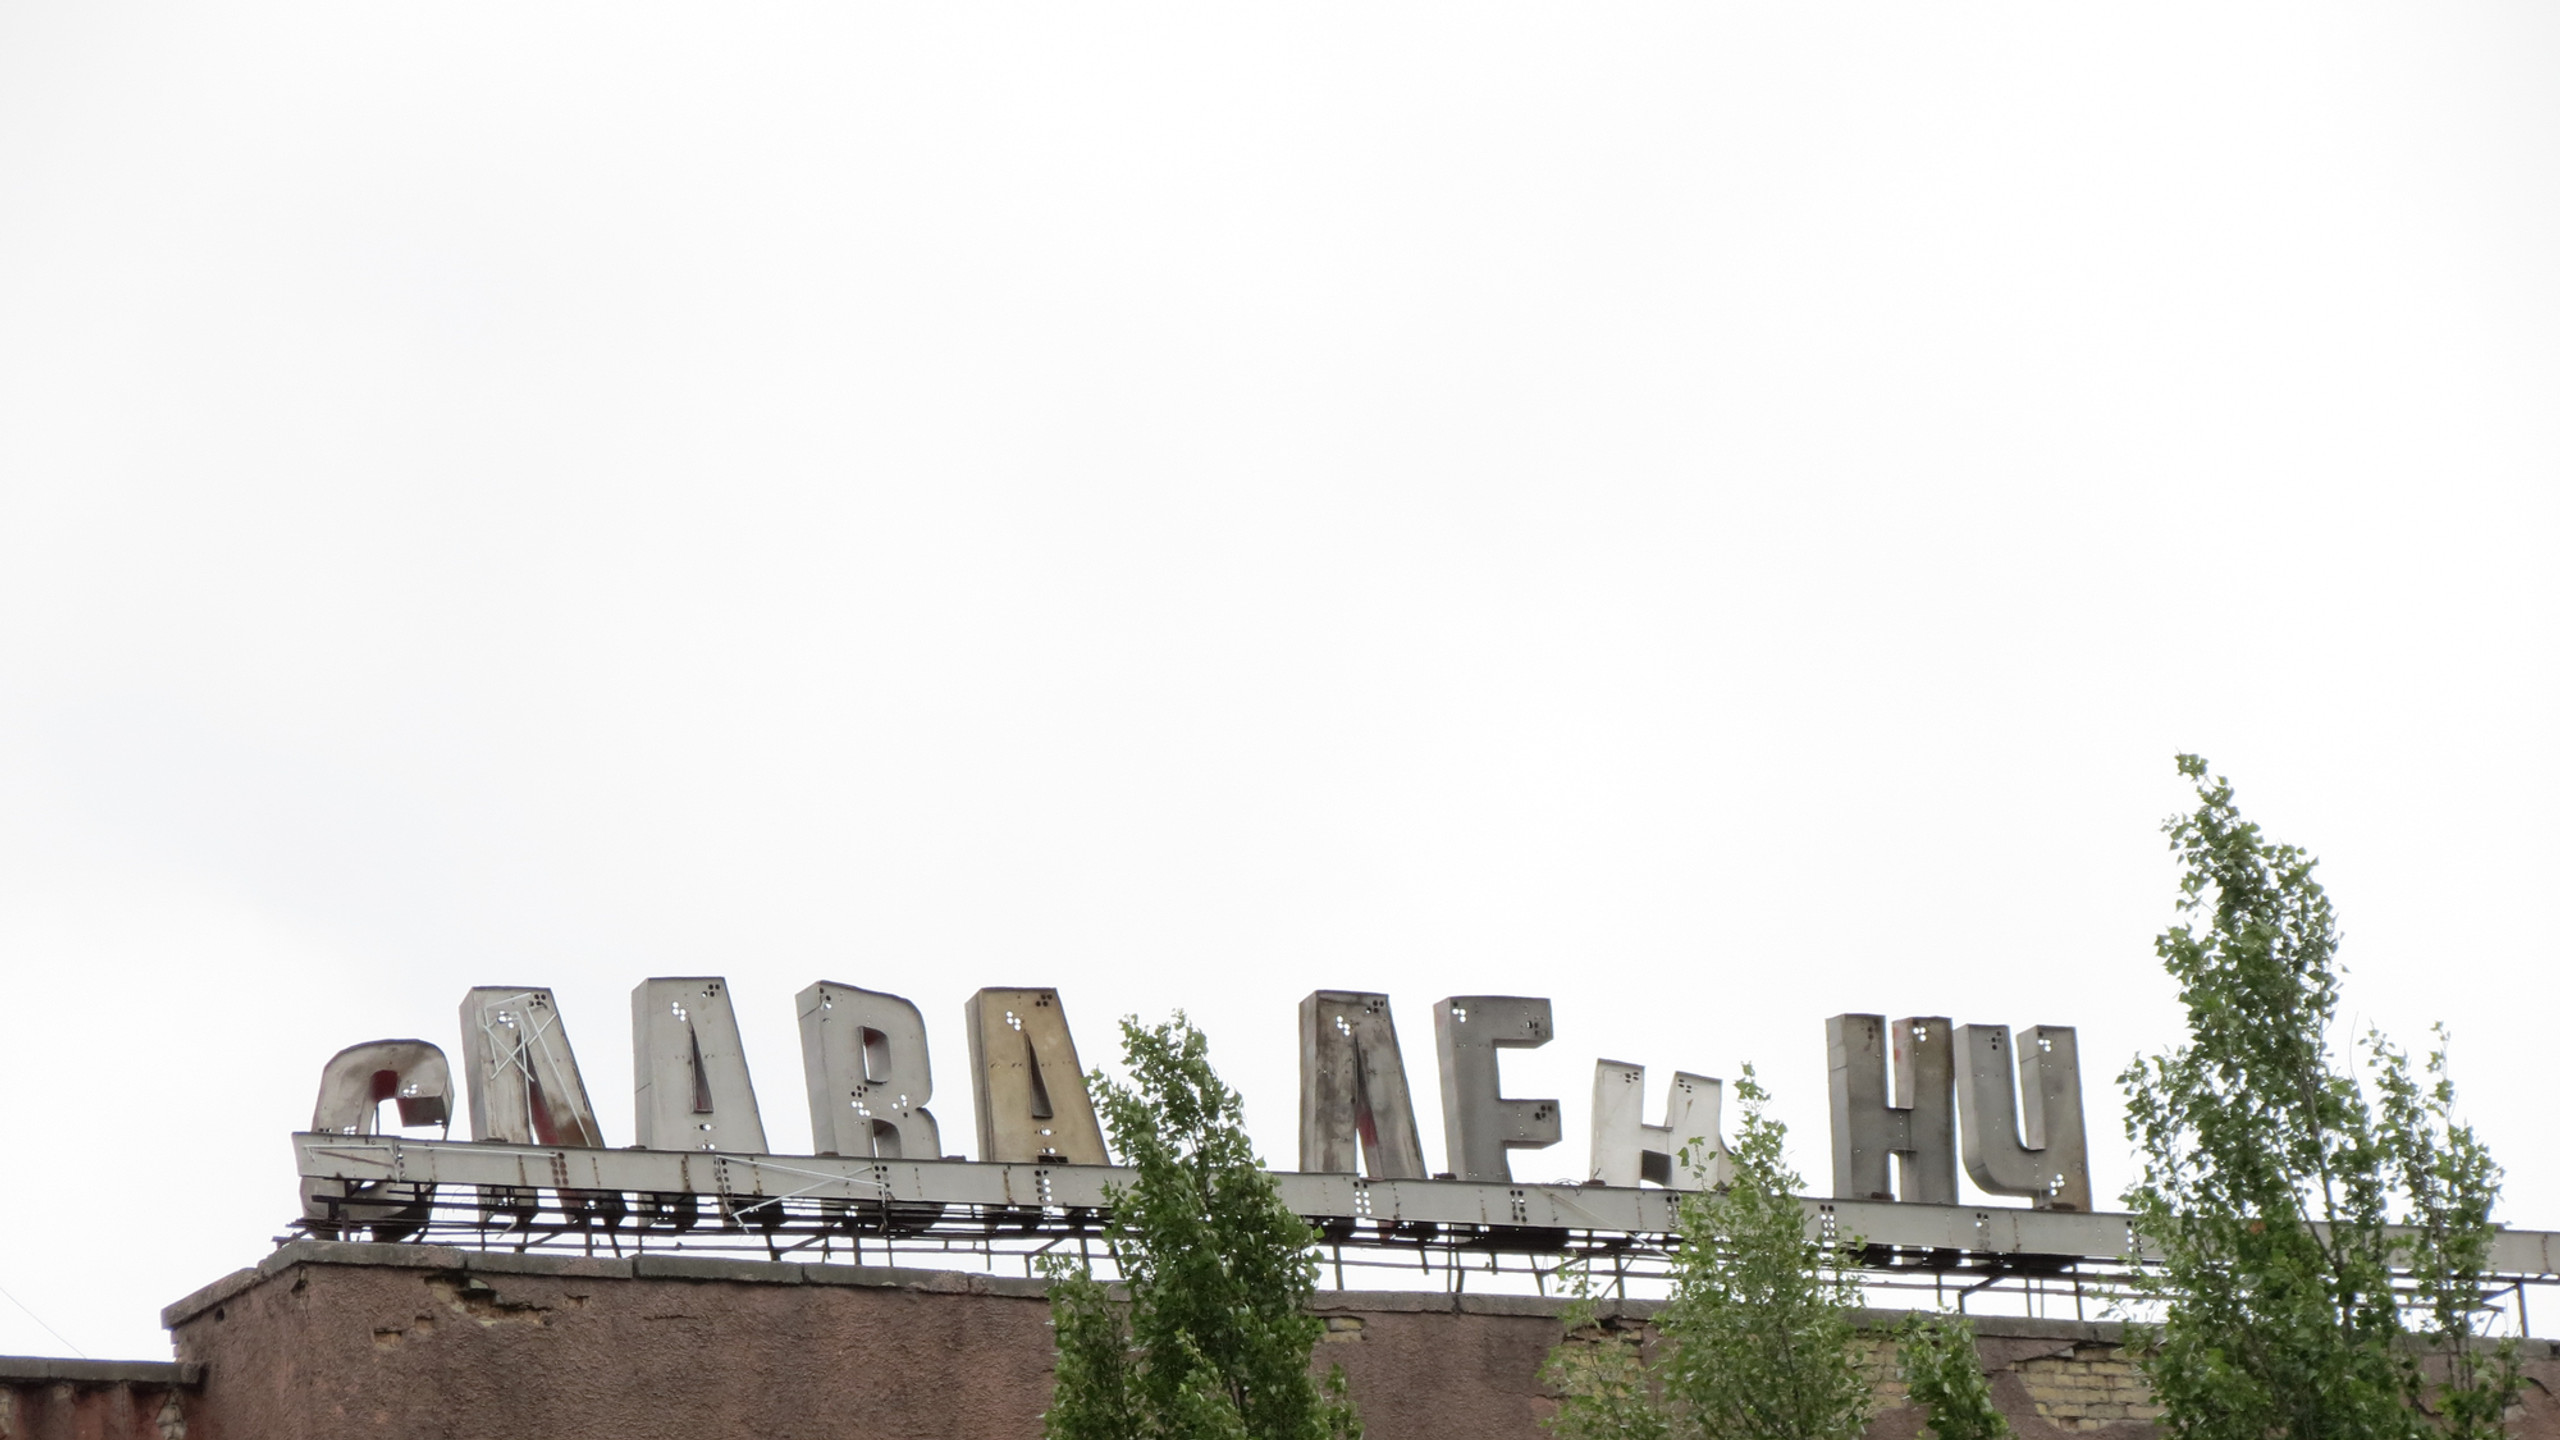 321 - Chernobyl